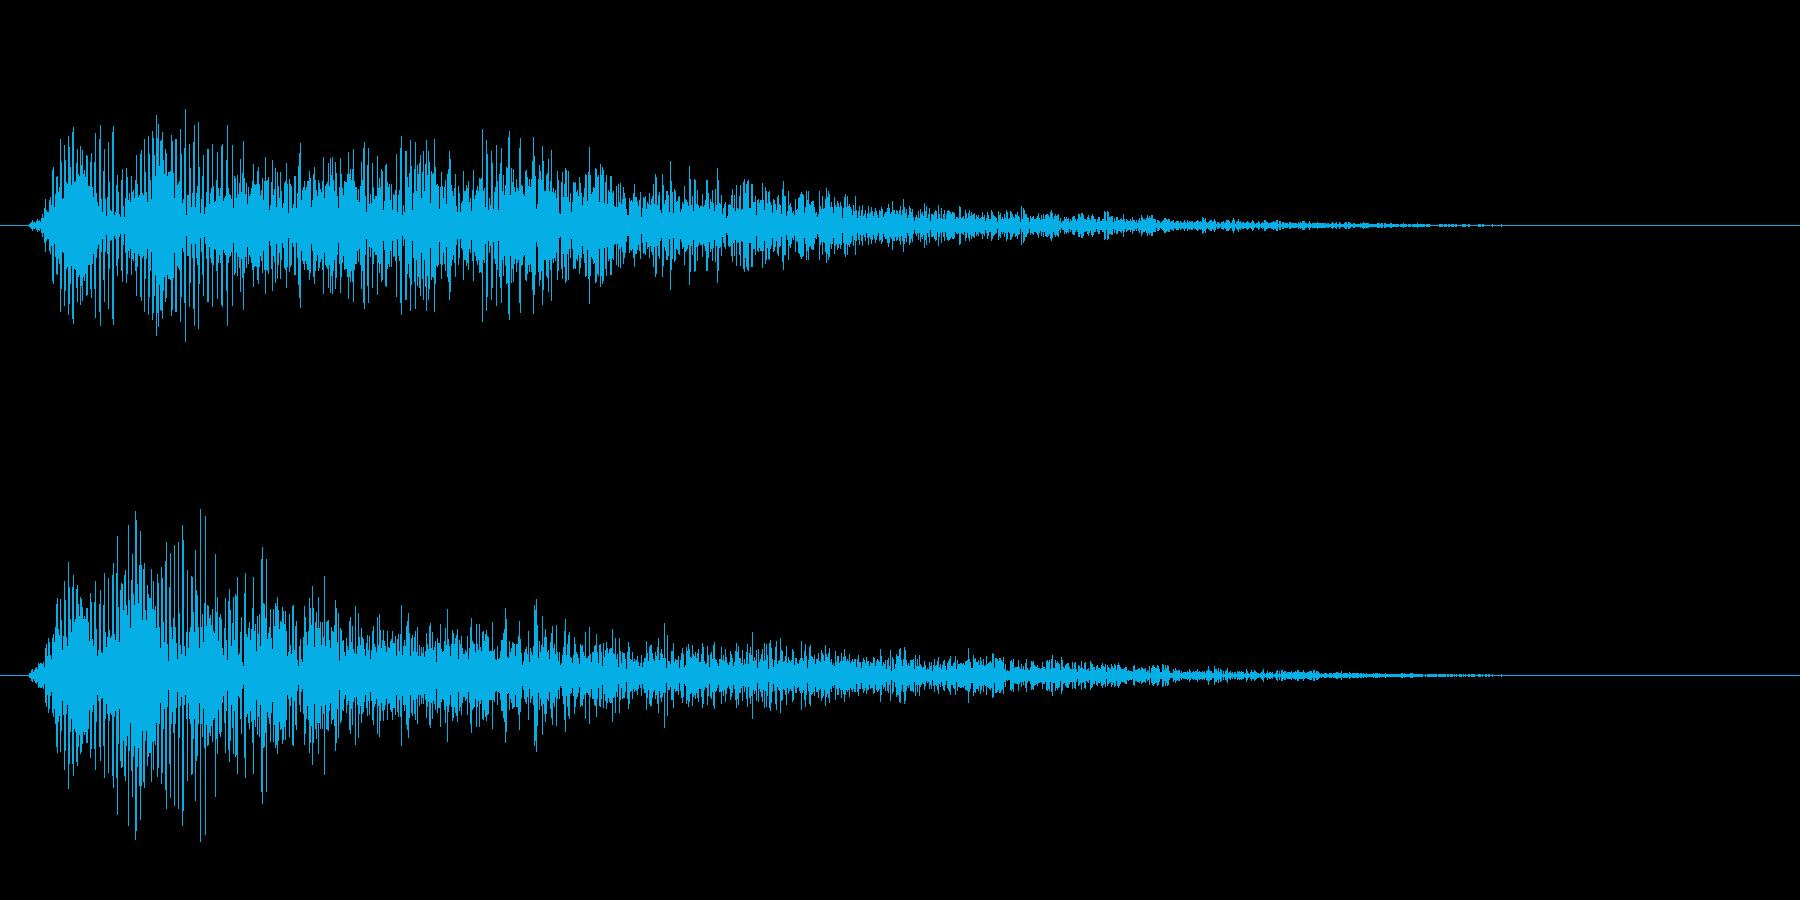 チューン(レーザーの発射音)の再生済みの波形